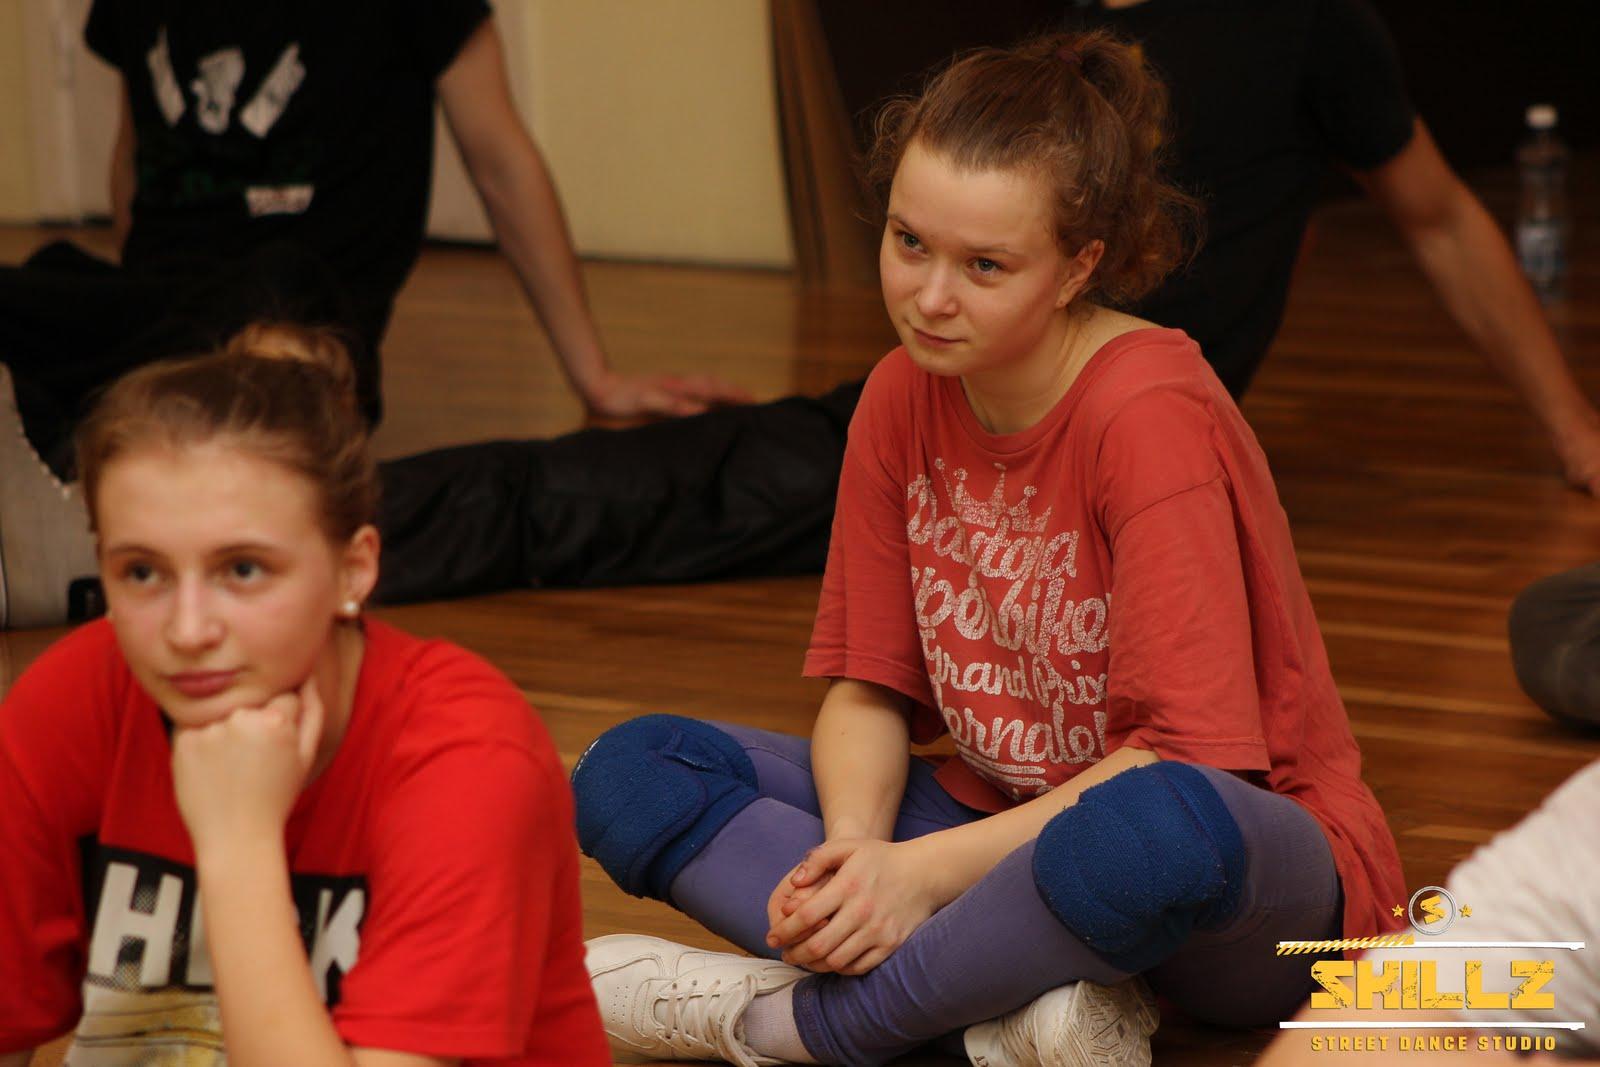 YAN (Russia) Bboying seminaras - IMG_0638.jpg